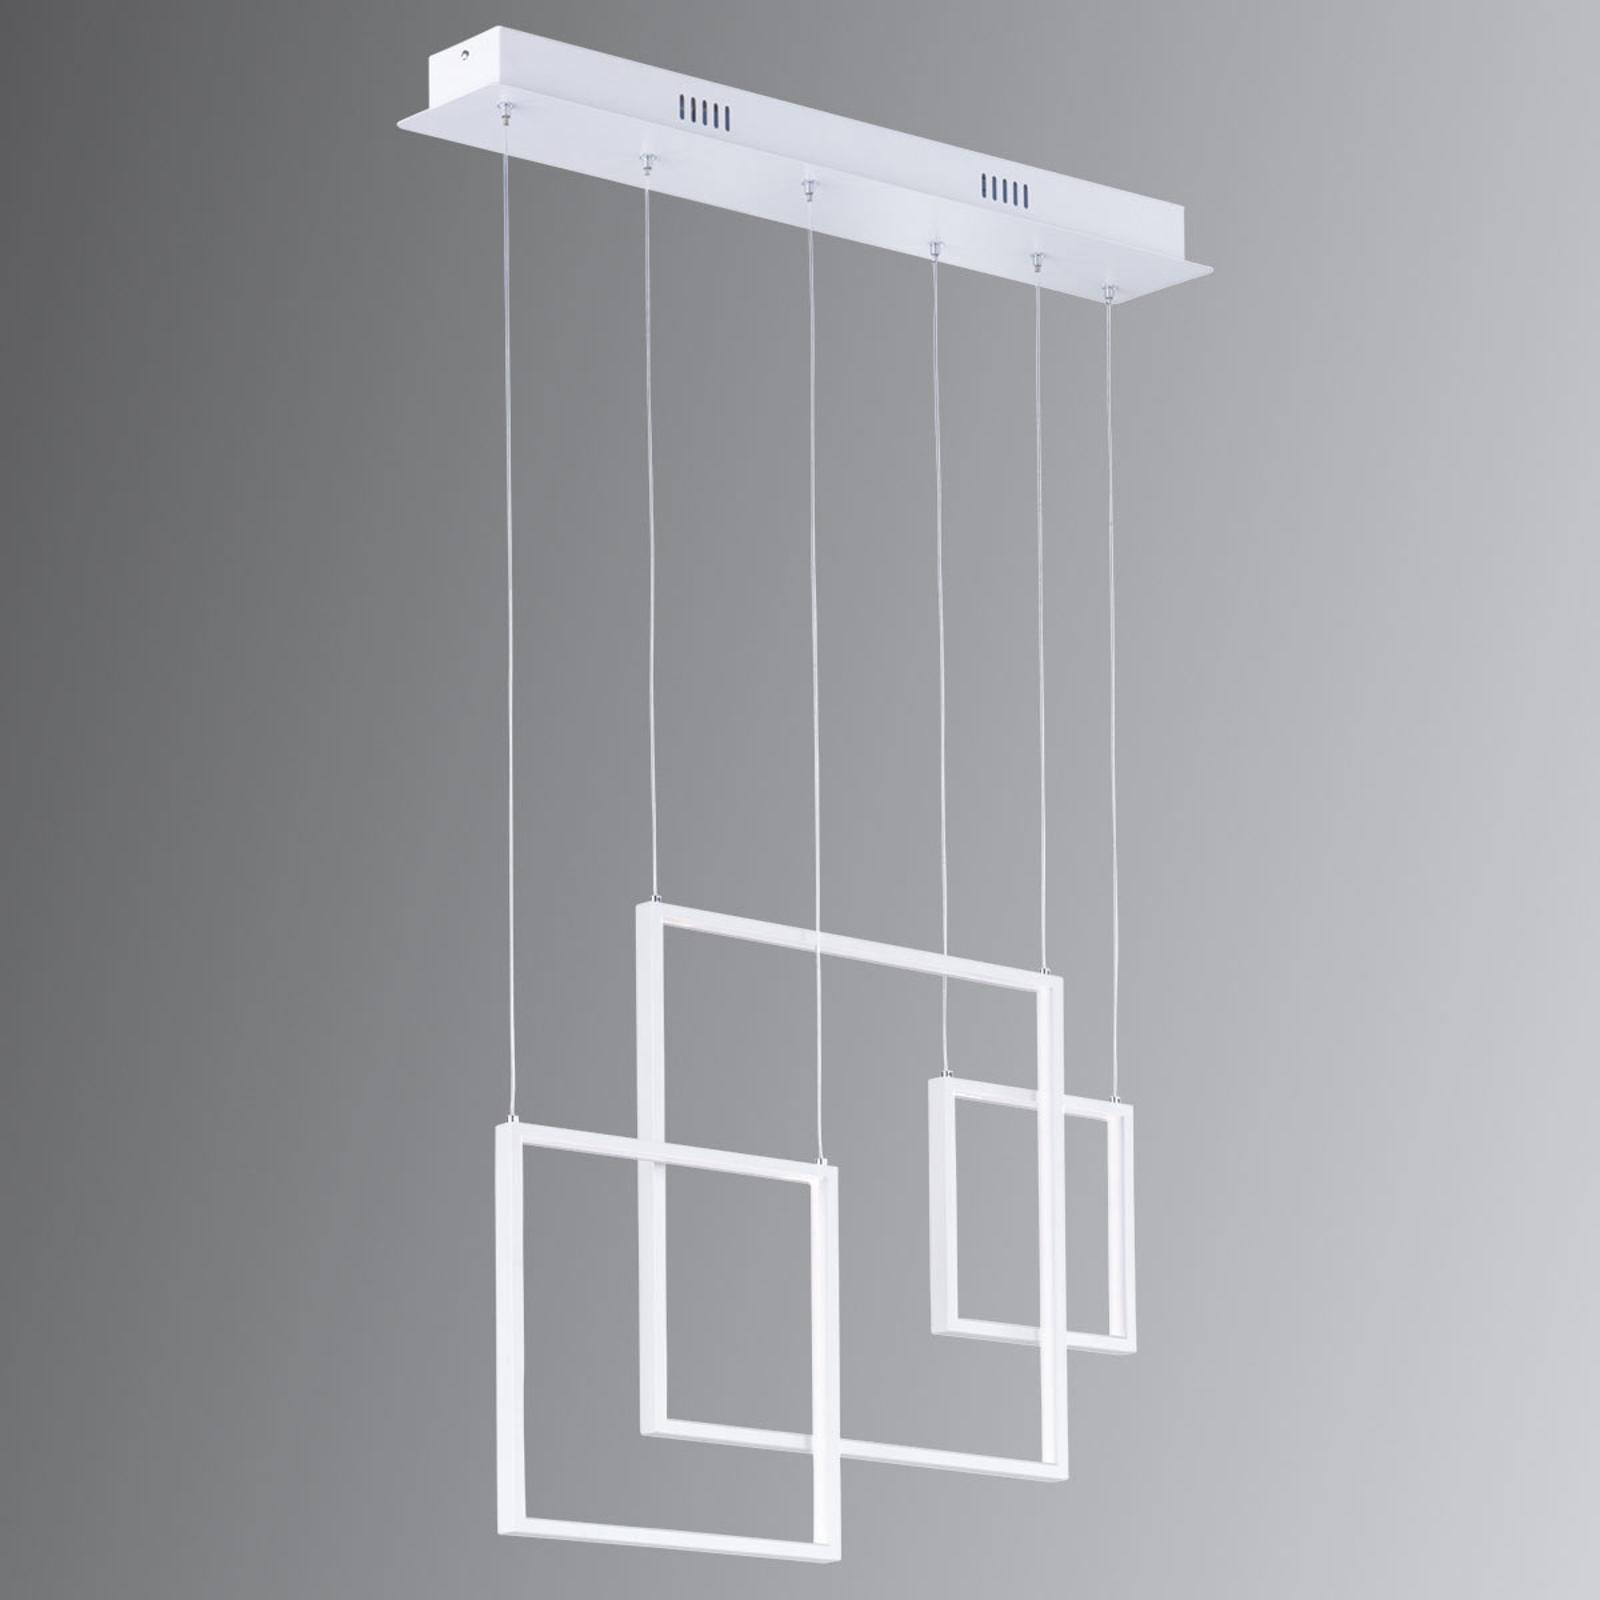 LED hanglamp Tucson met switch dimfunctie